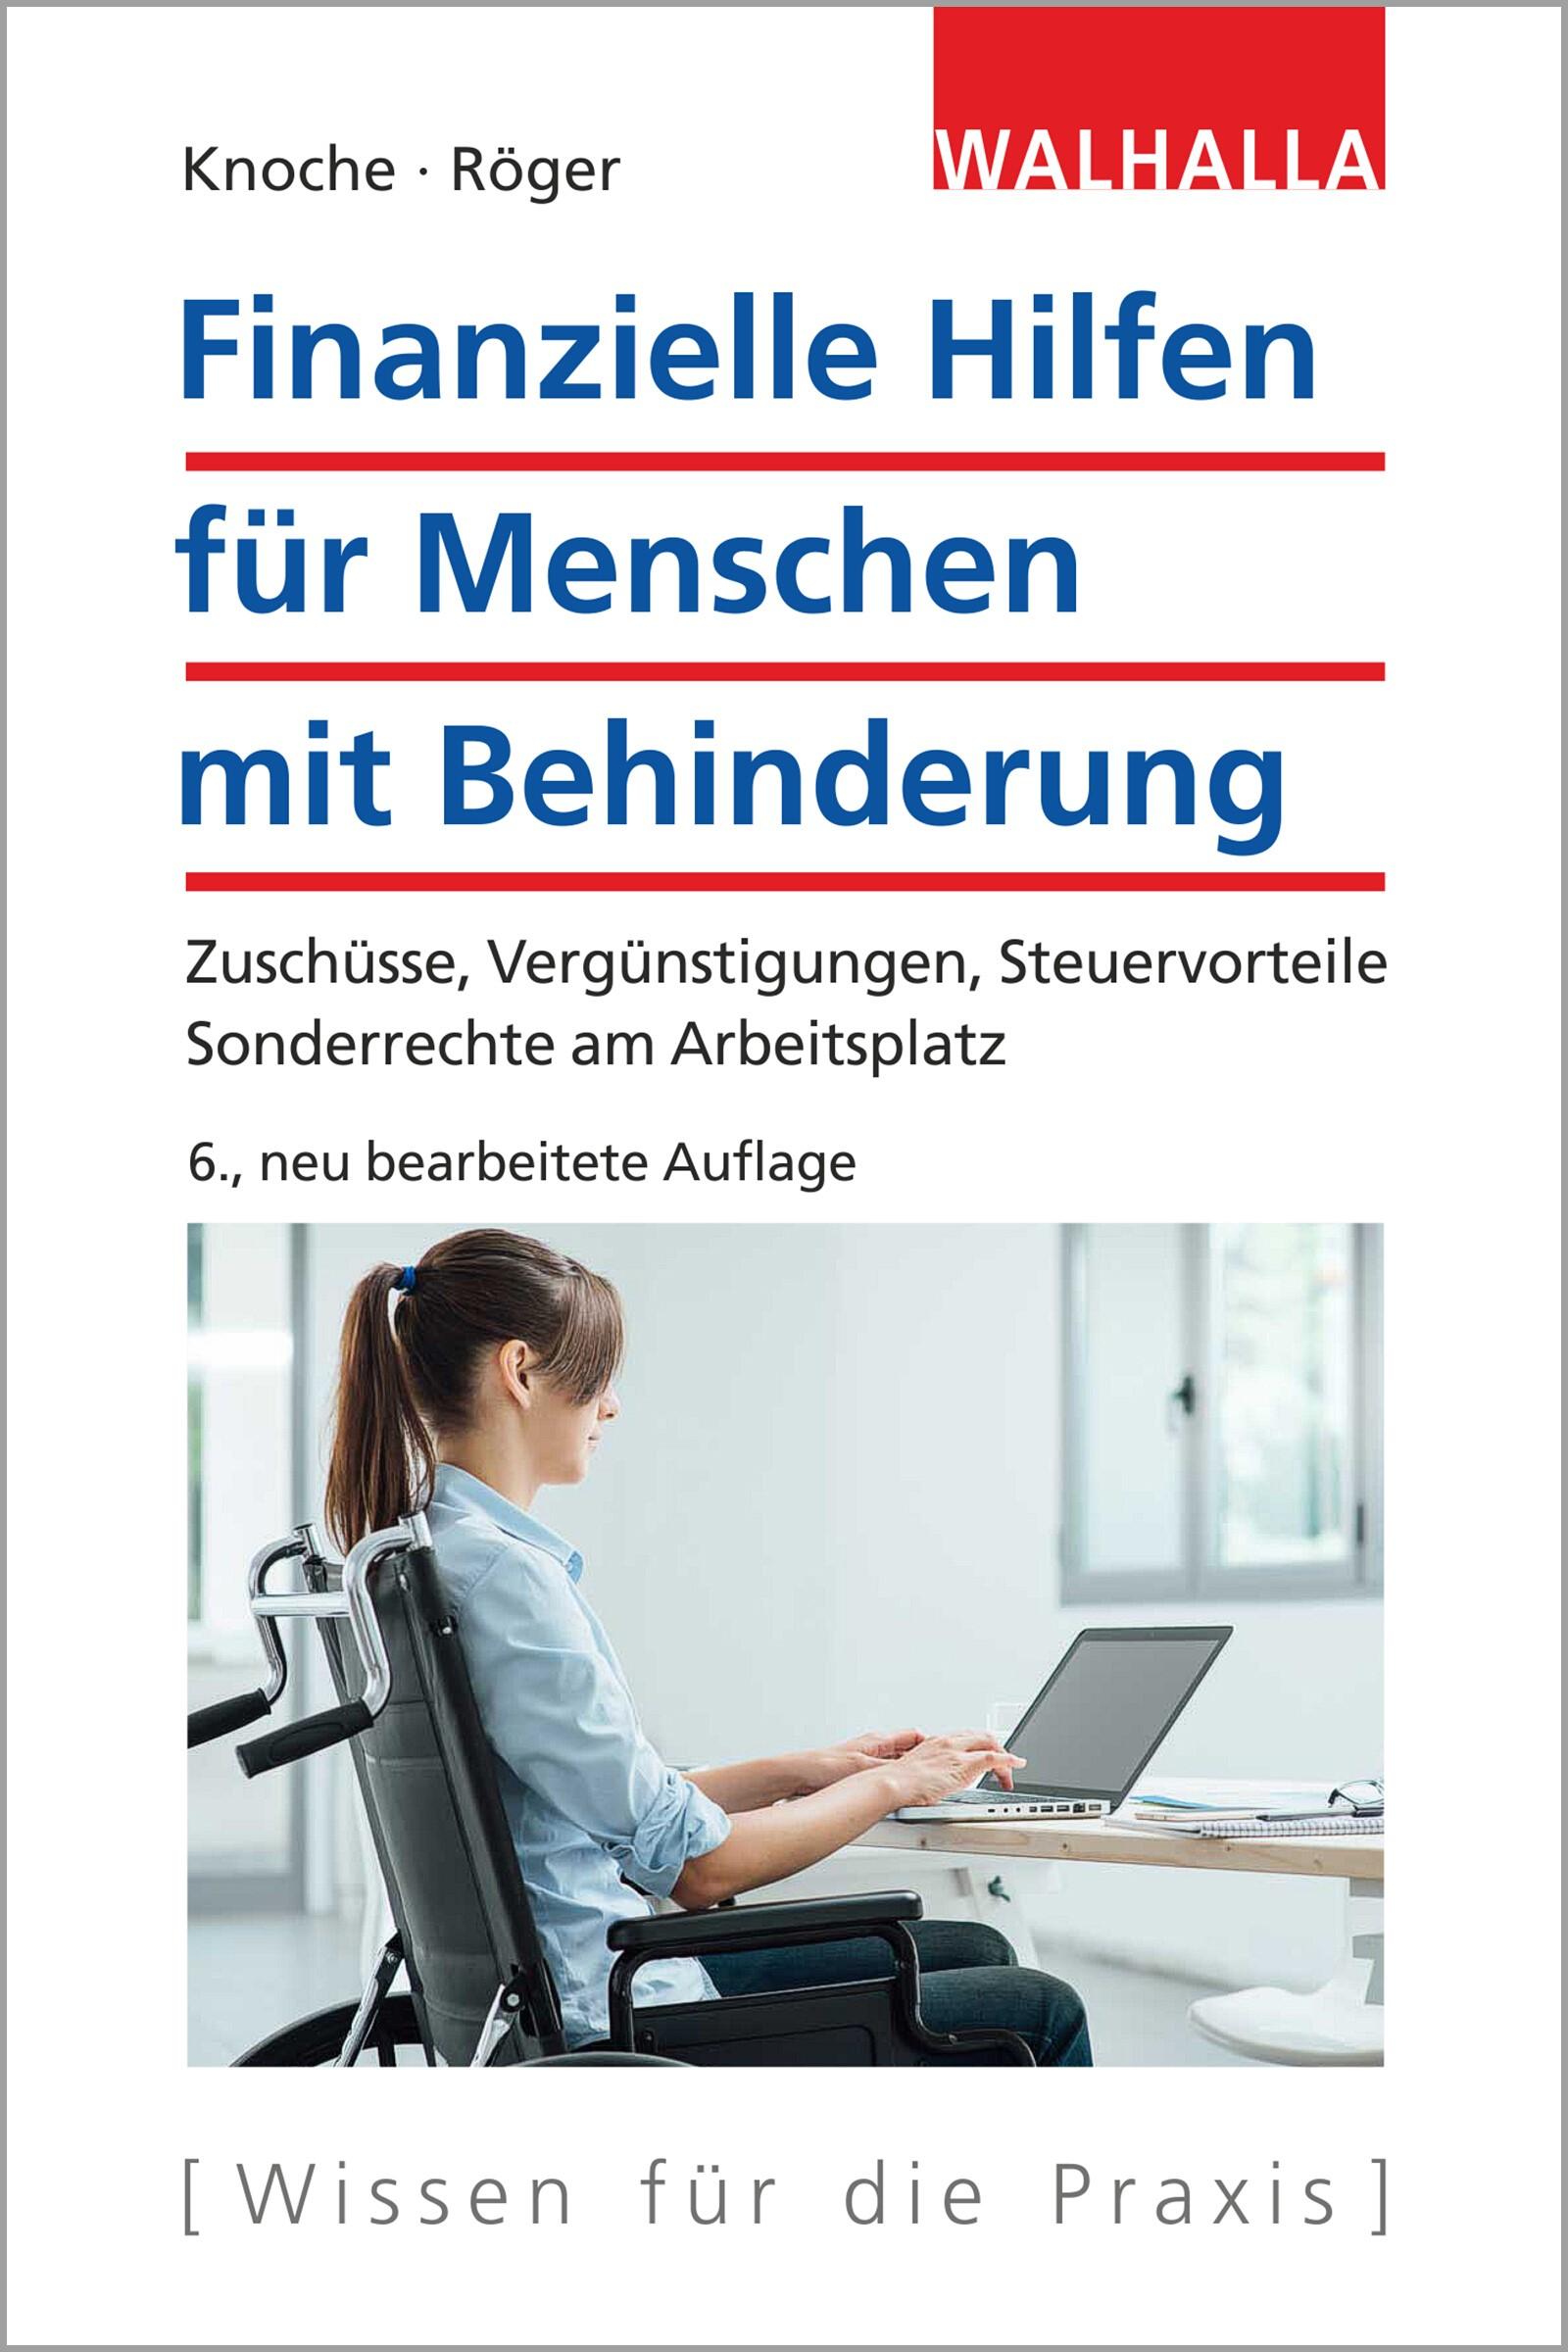 Finanzielle Hilfen für Menschen mit Behinderung | Knoche / Röger | 6. neu bearbeitete Auflage, 2017 | Buch (Cover)